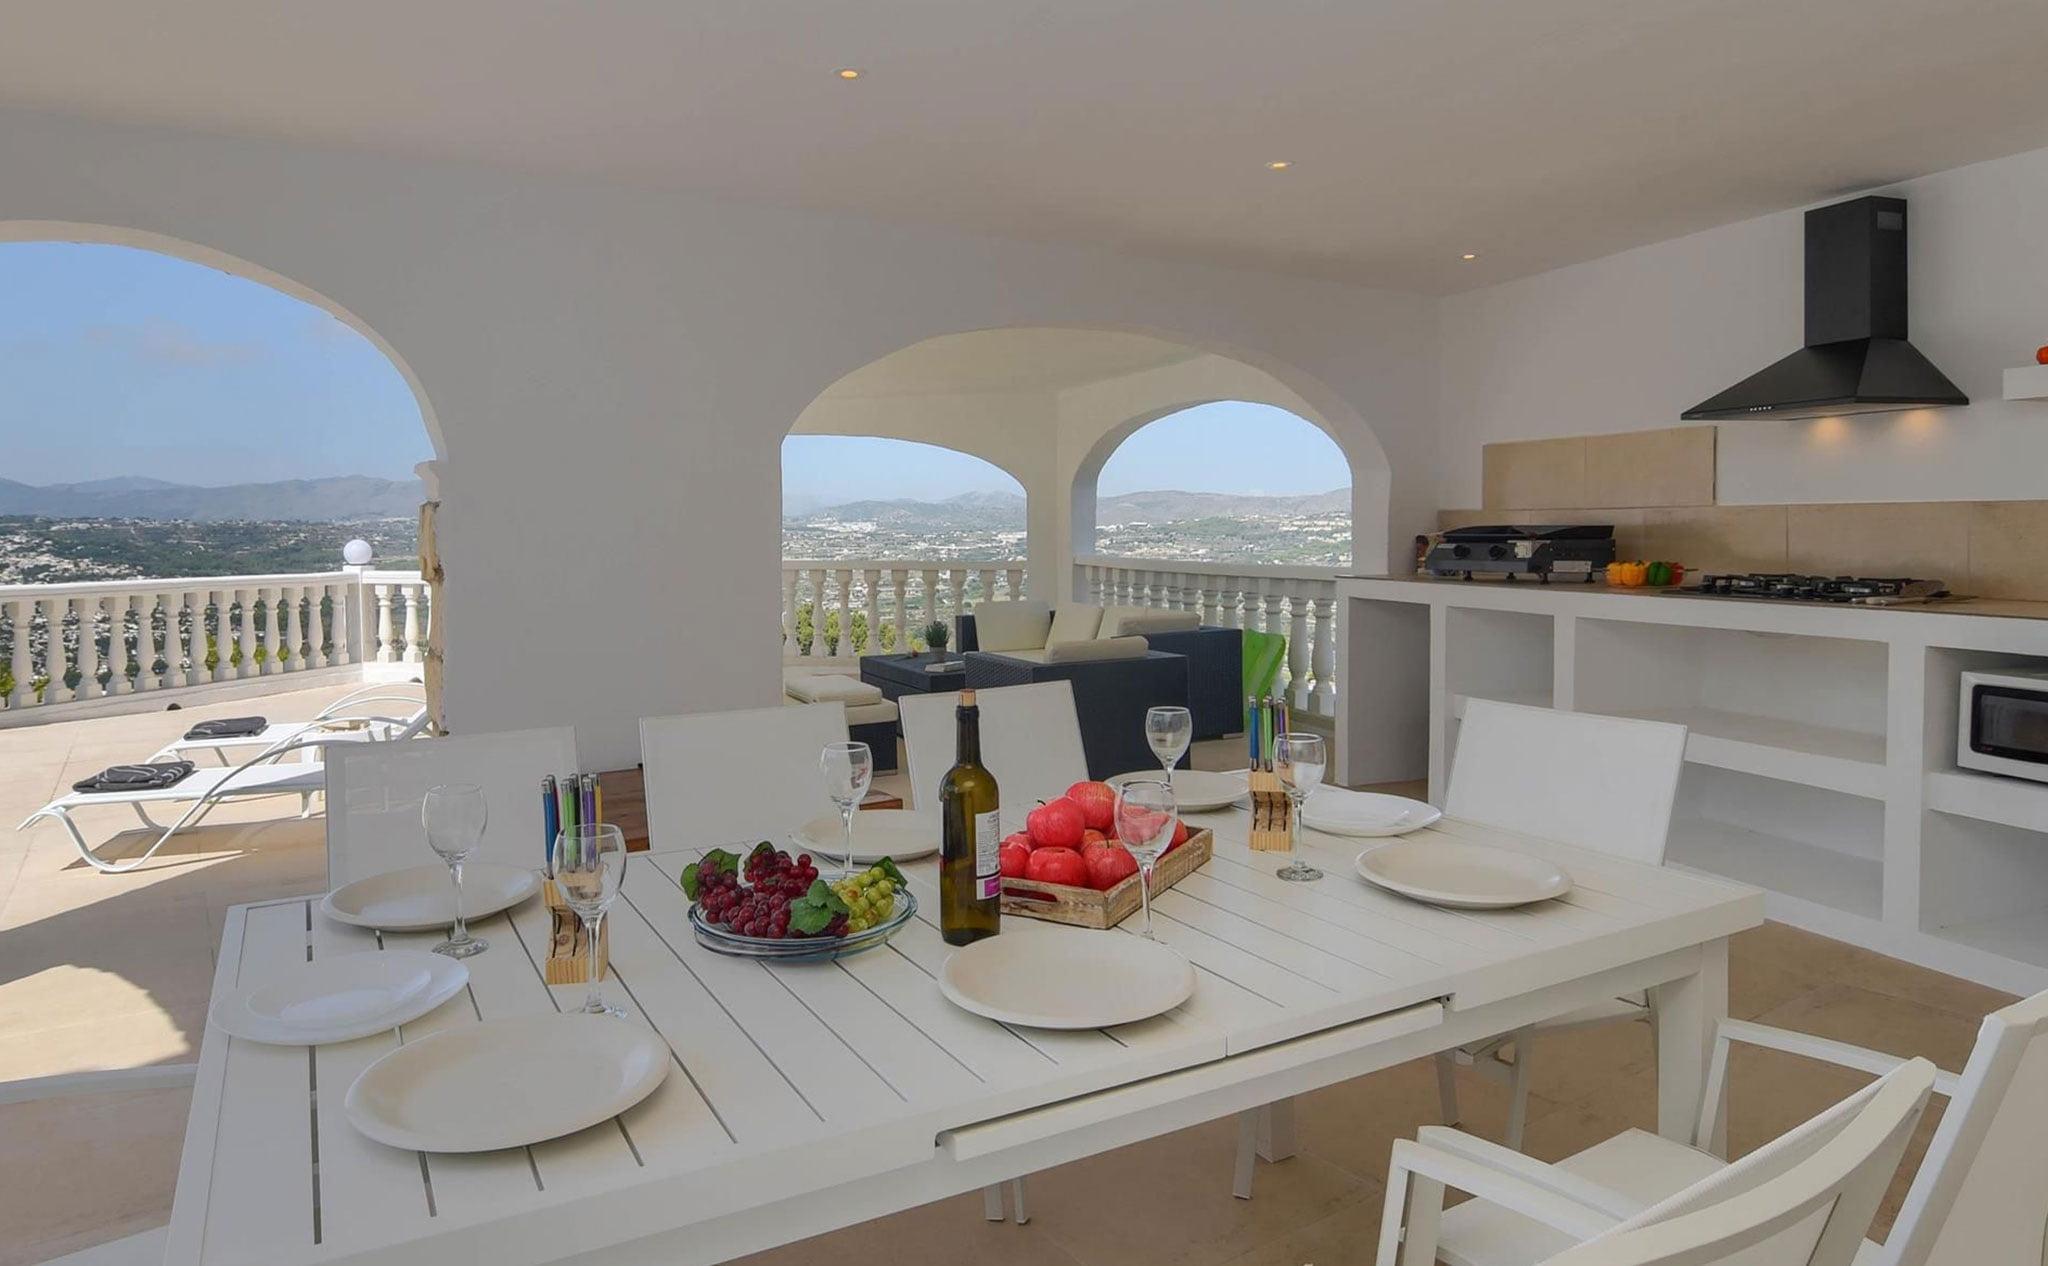 Terraza cubierta de una casa de vacaciones en Benitatxell – Aguila Rent a Villa